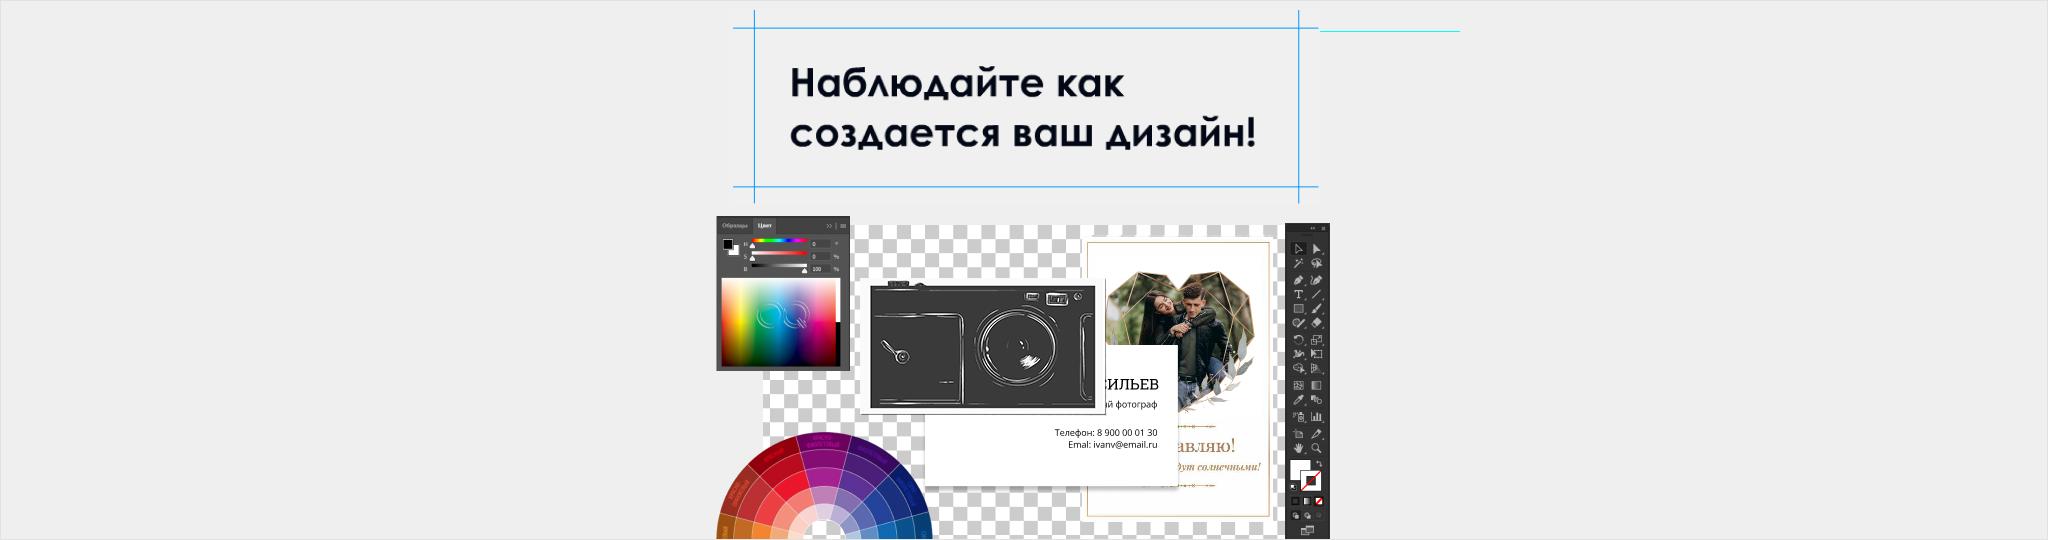 онлайн дизайн